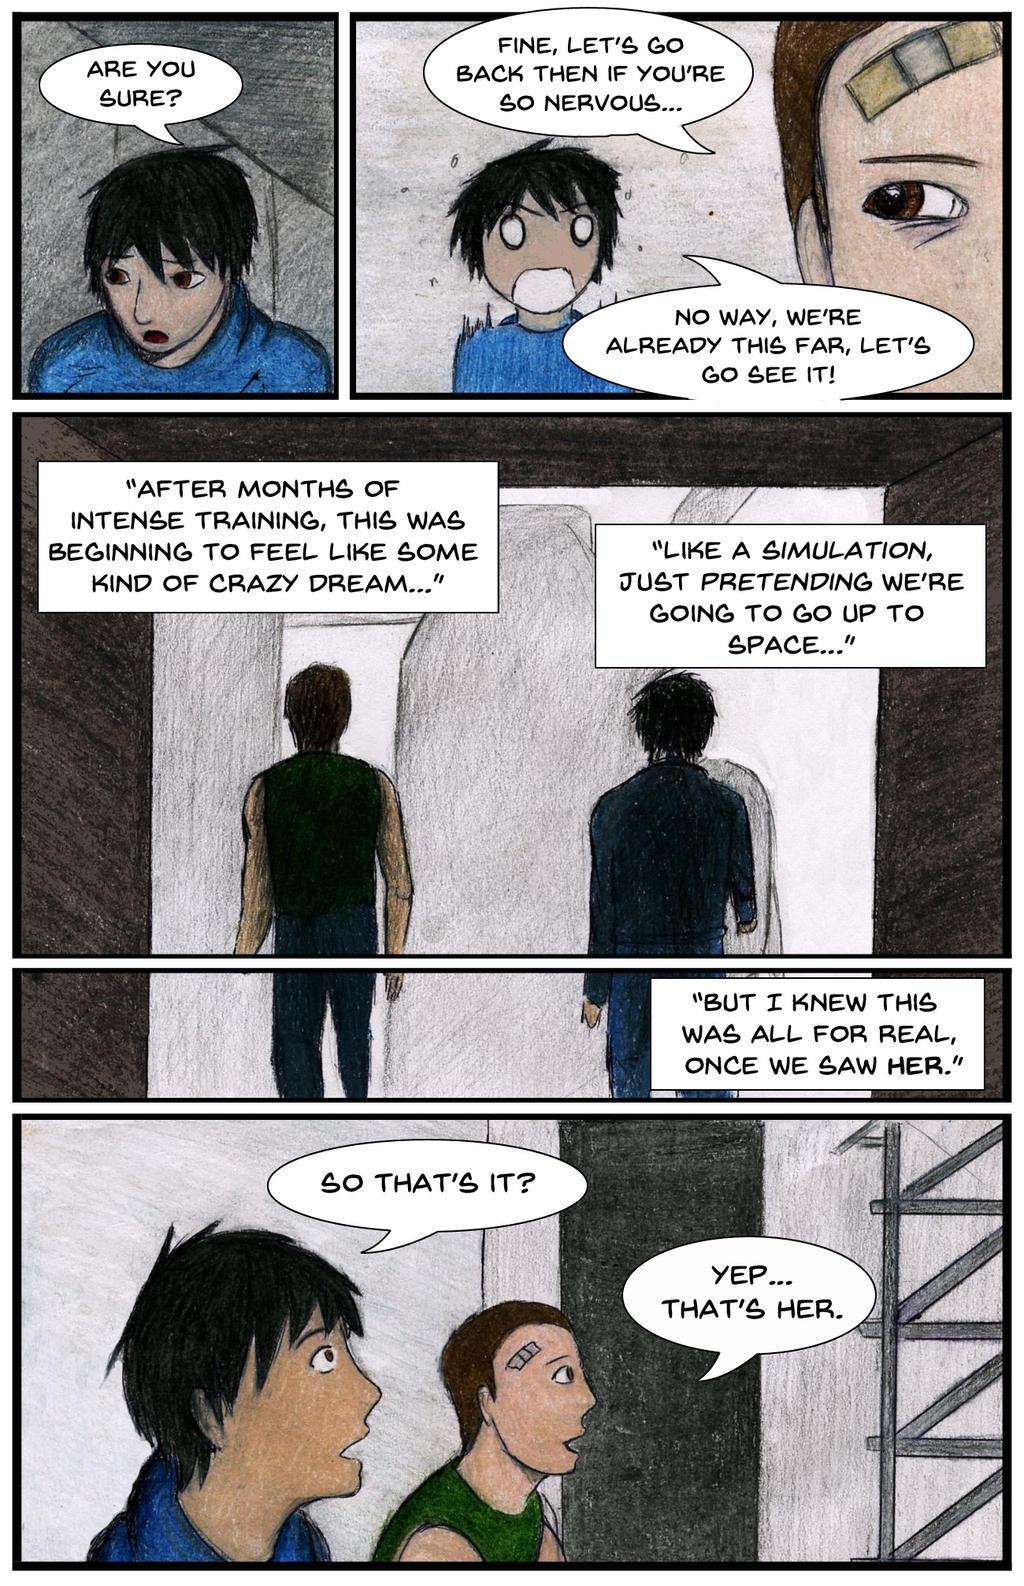 NASA Comic #2 - 21 by DarkStormGTS on DeviantArt